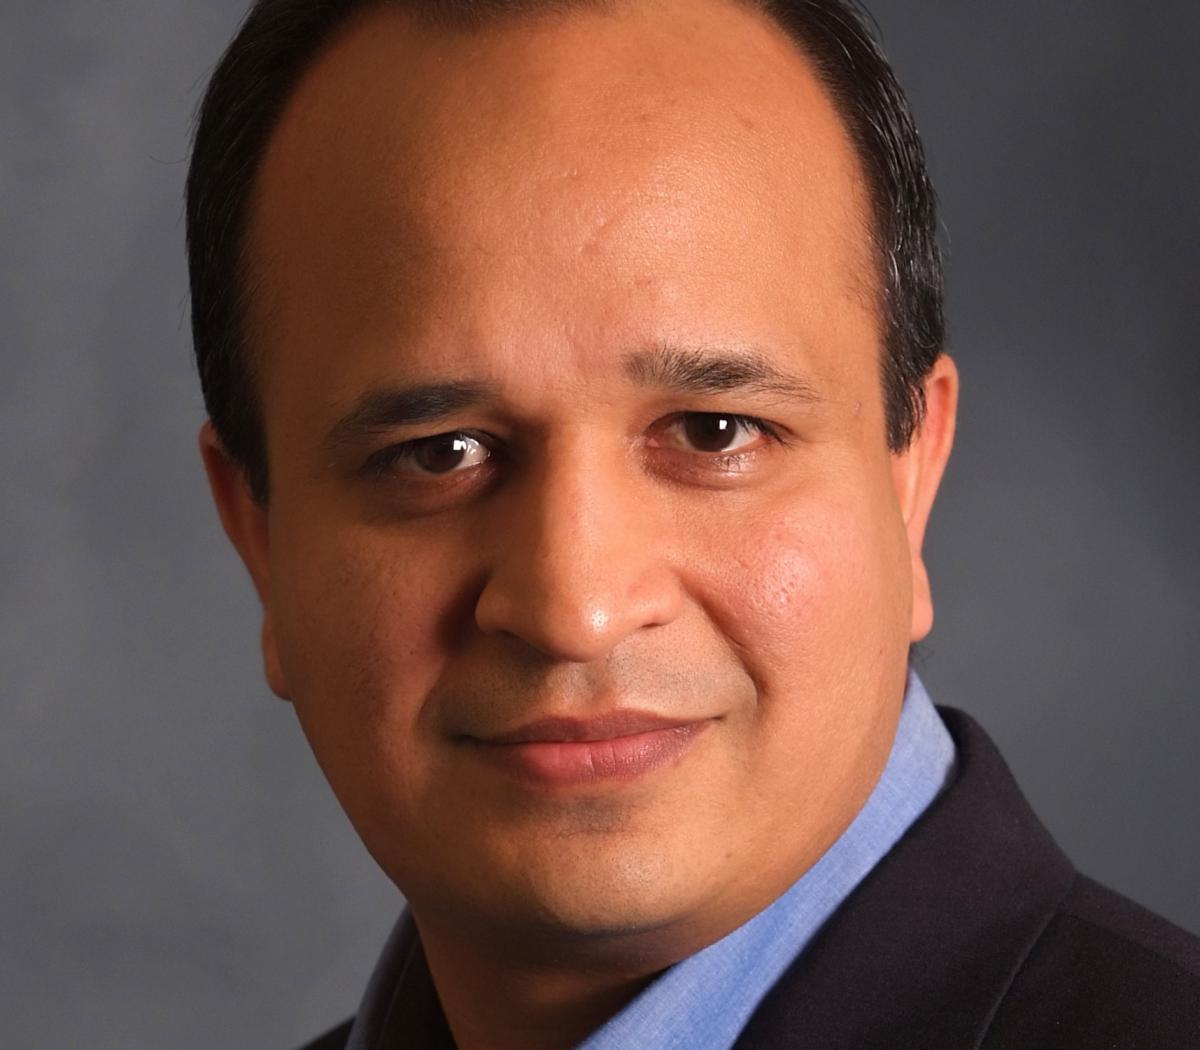 Mudit Jain